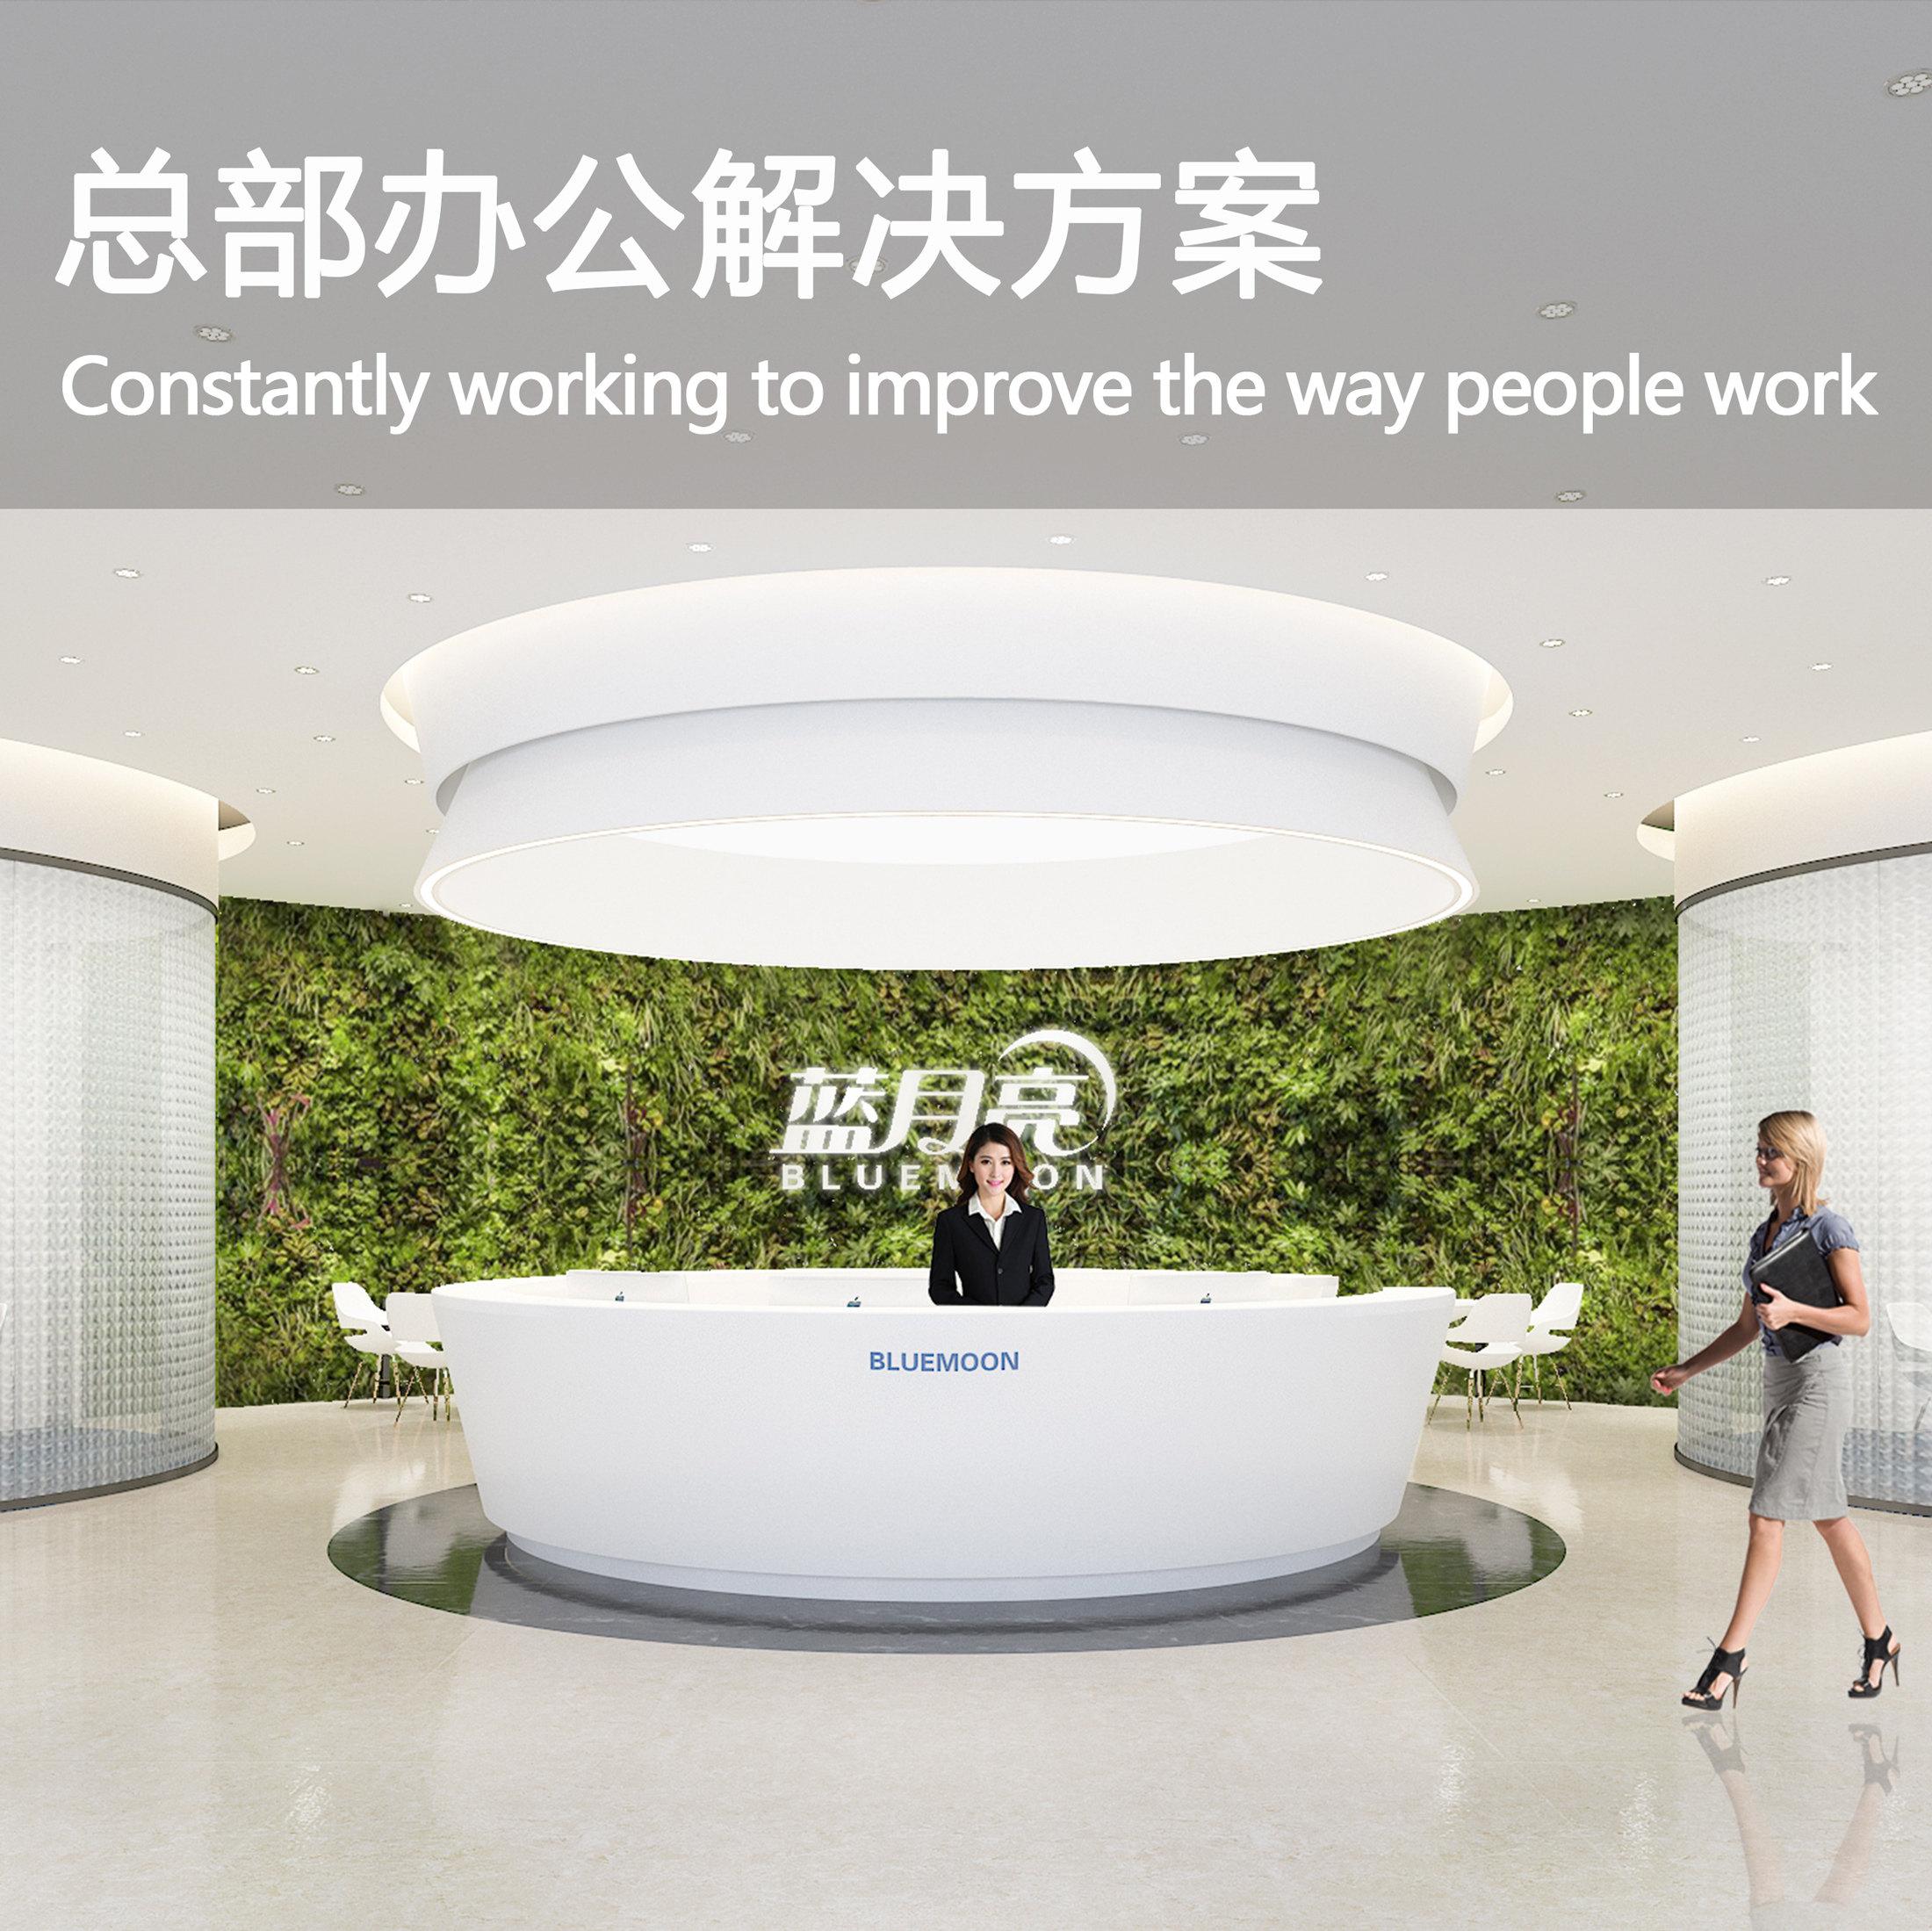 广州蓝月亮总部行政办公楼 总部办公解决方案